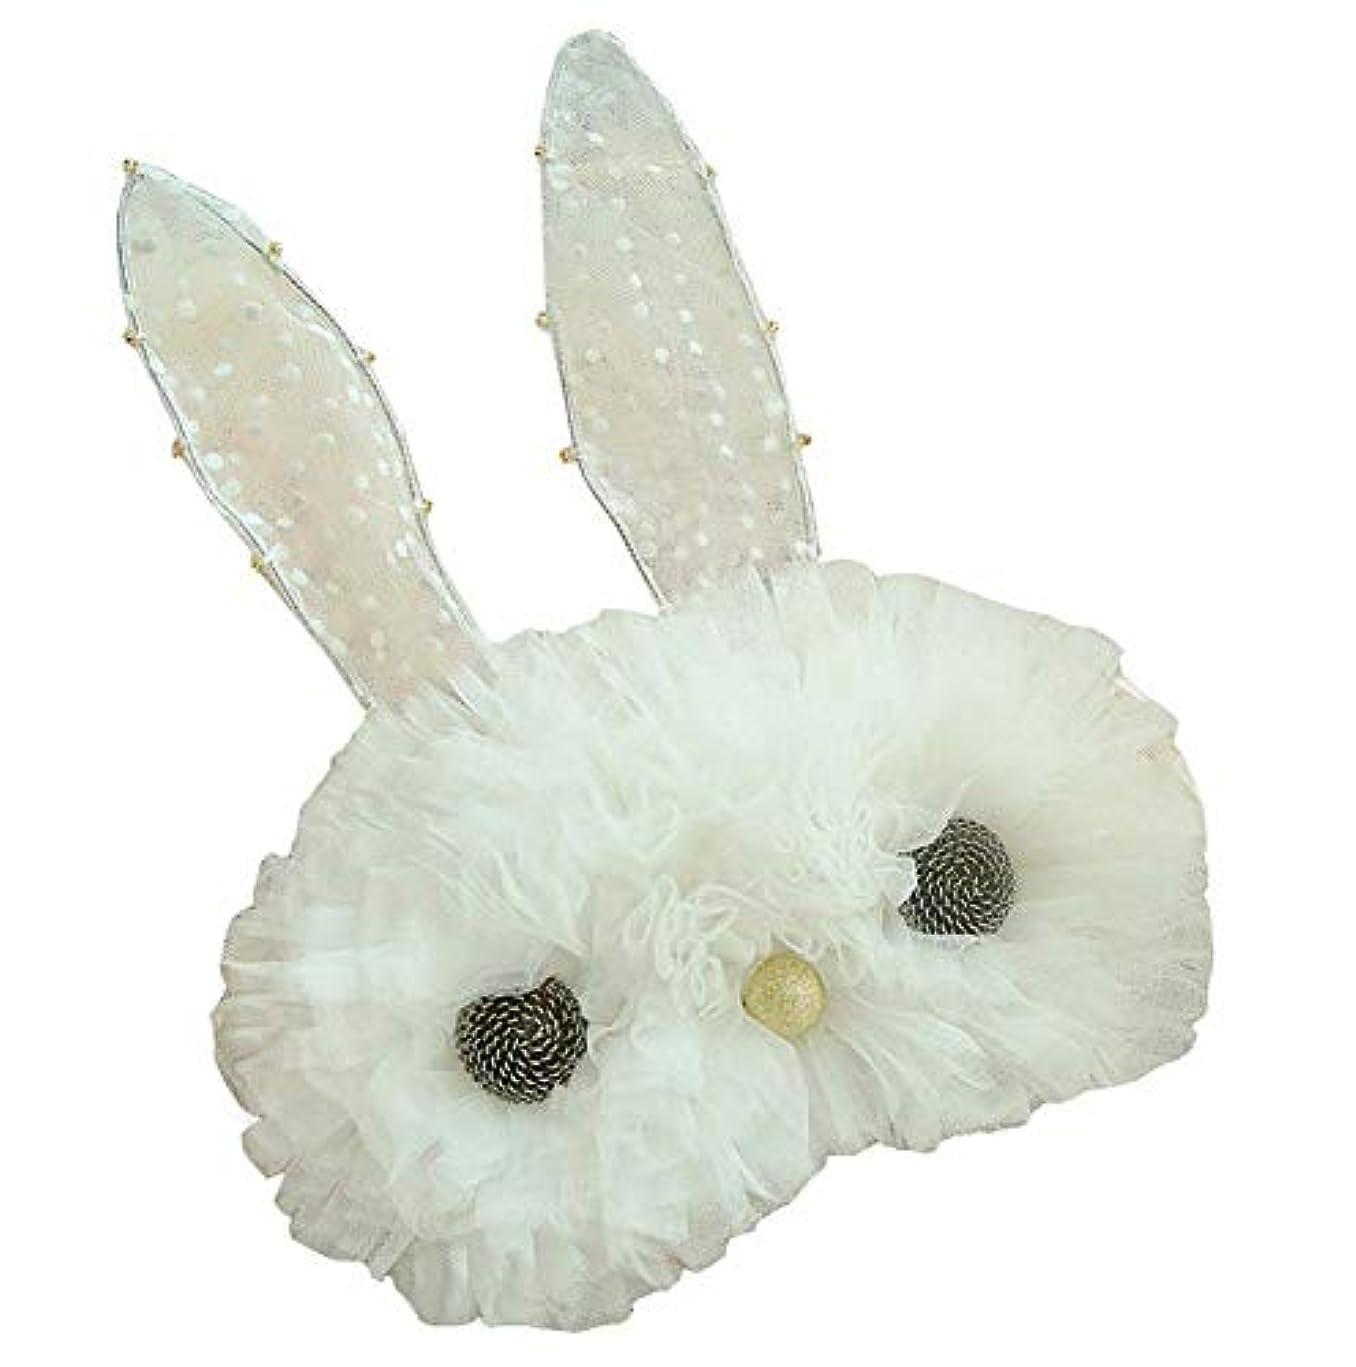 印刷する中央値配当白くかわいいウサギの睡眠の目マスクの柔らかい目隠しの睡眠のマスクの家の睡眠旅行のための目カバー